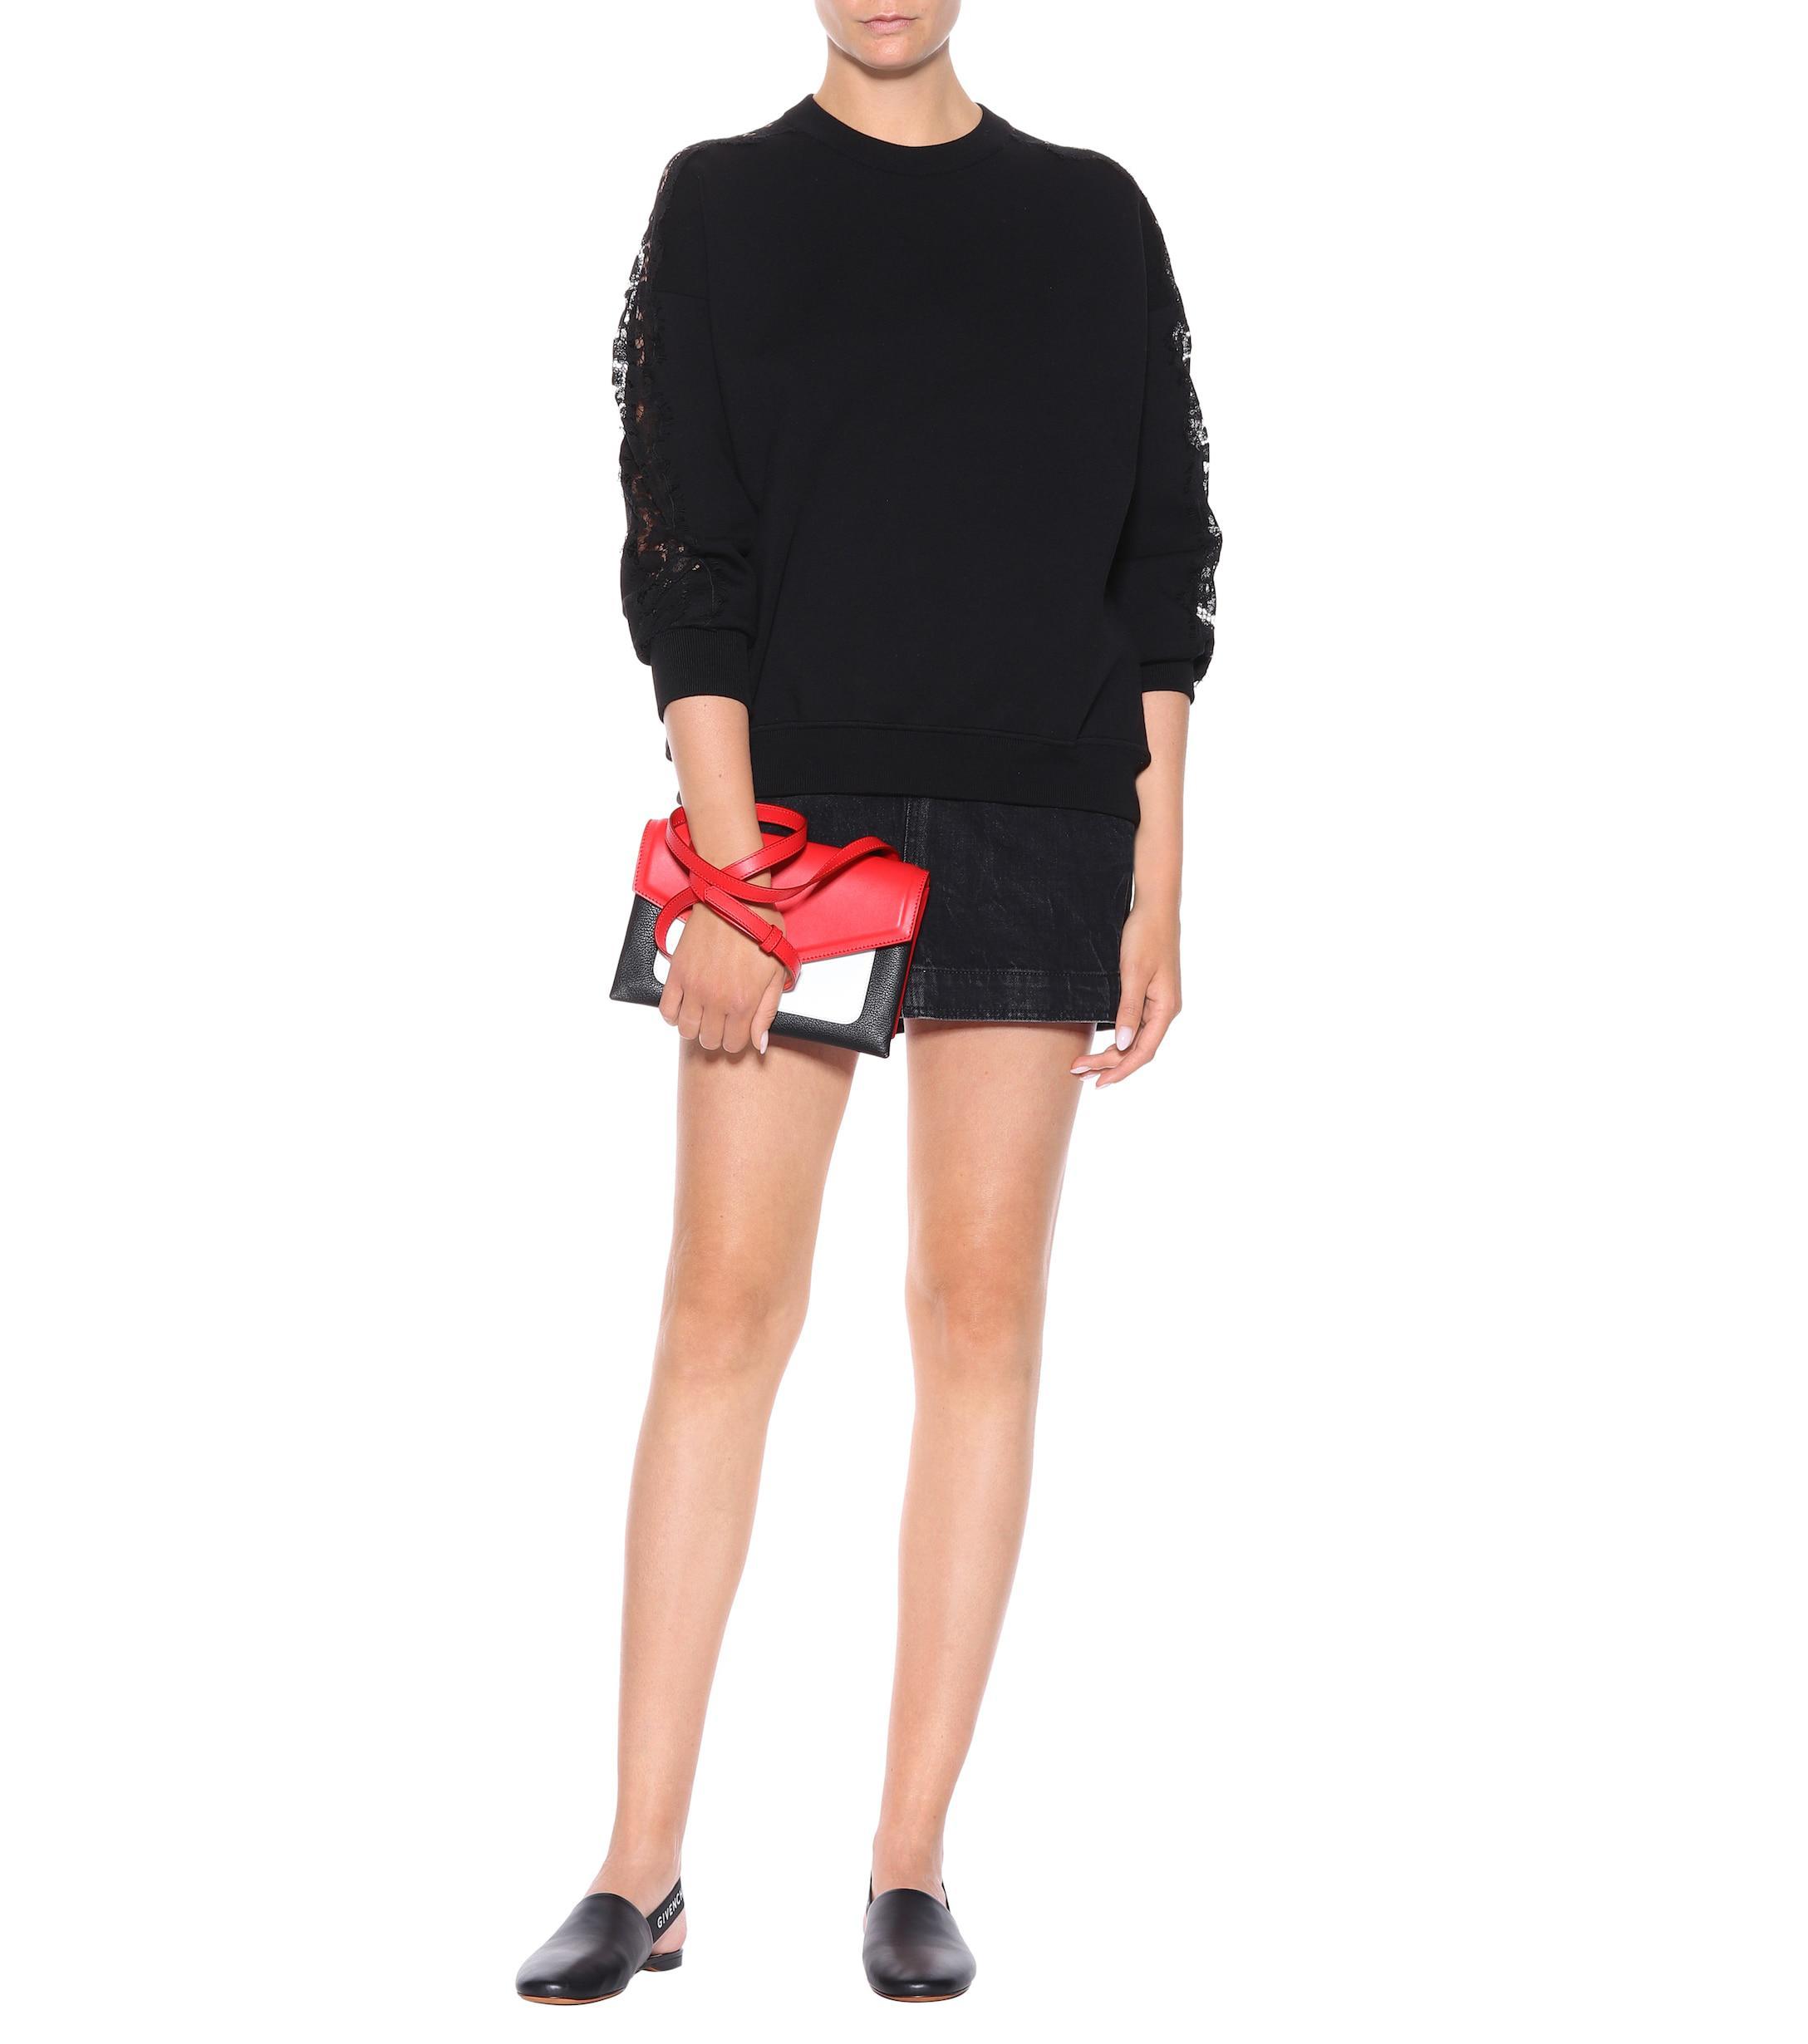 Slippers destalonados de piel Givenchy de Cuero de color Negro